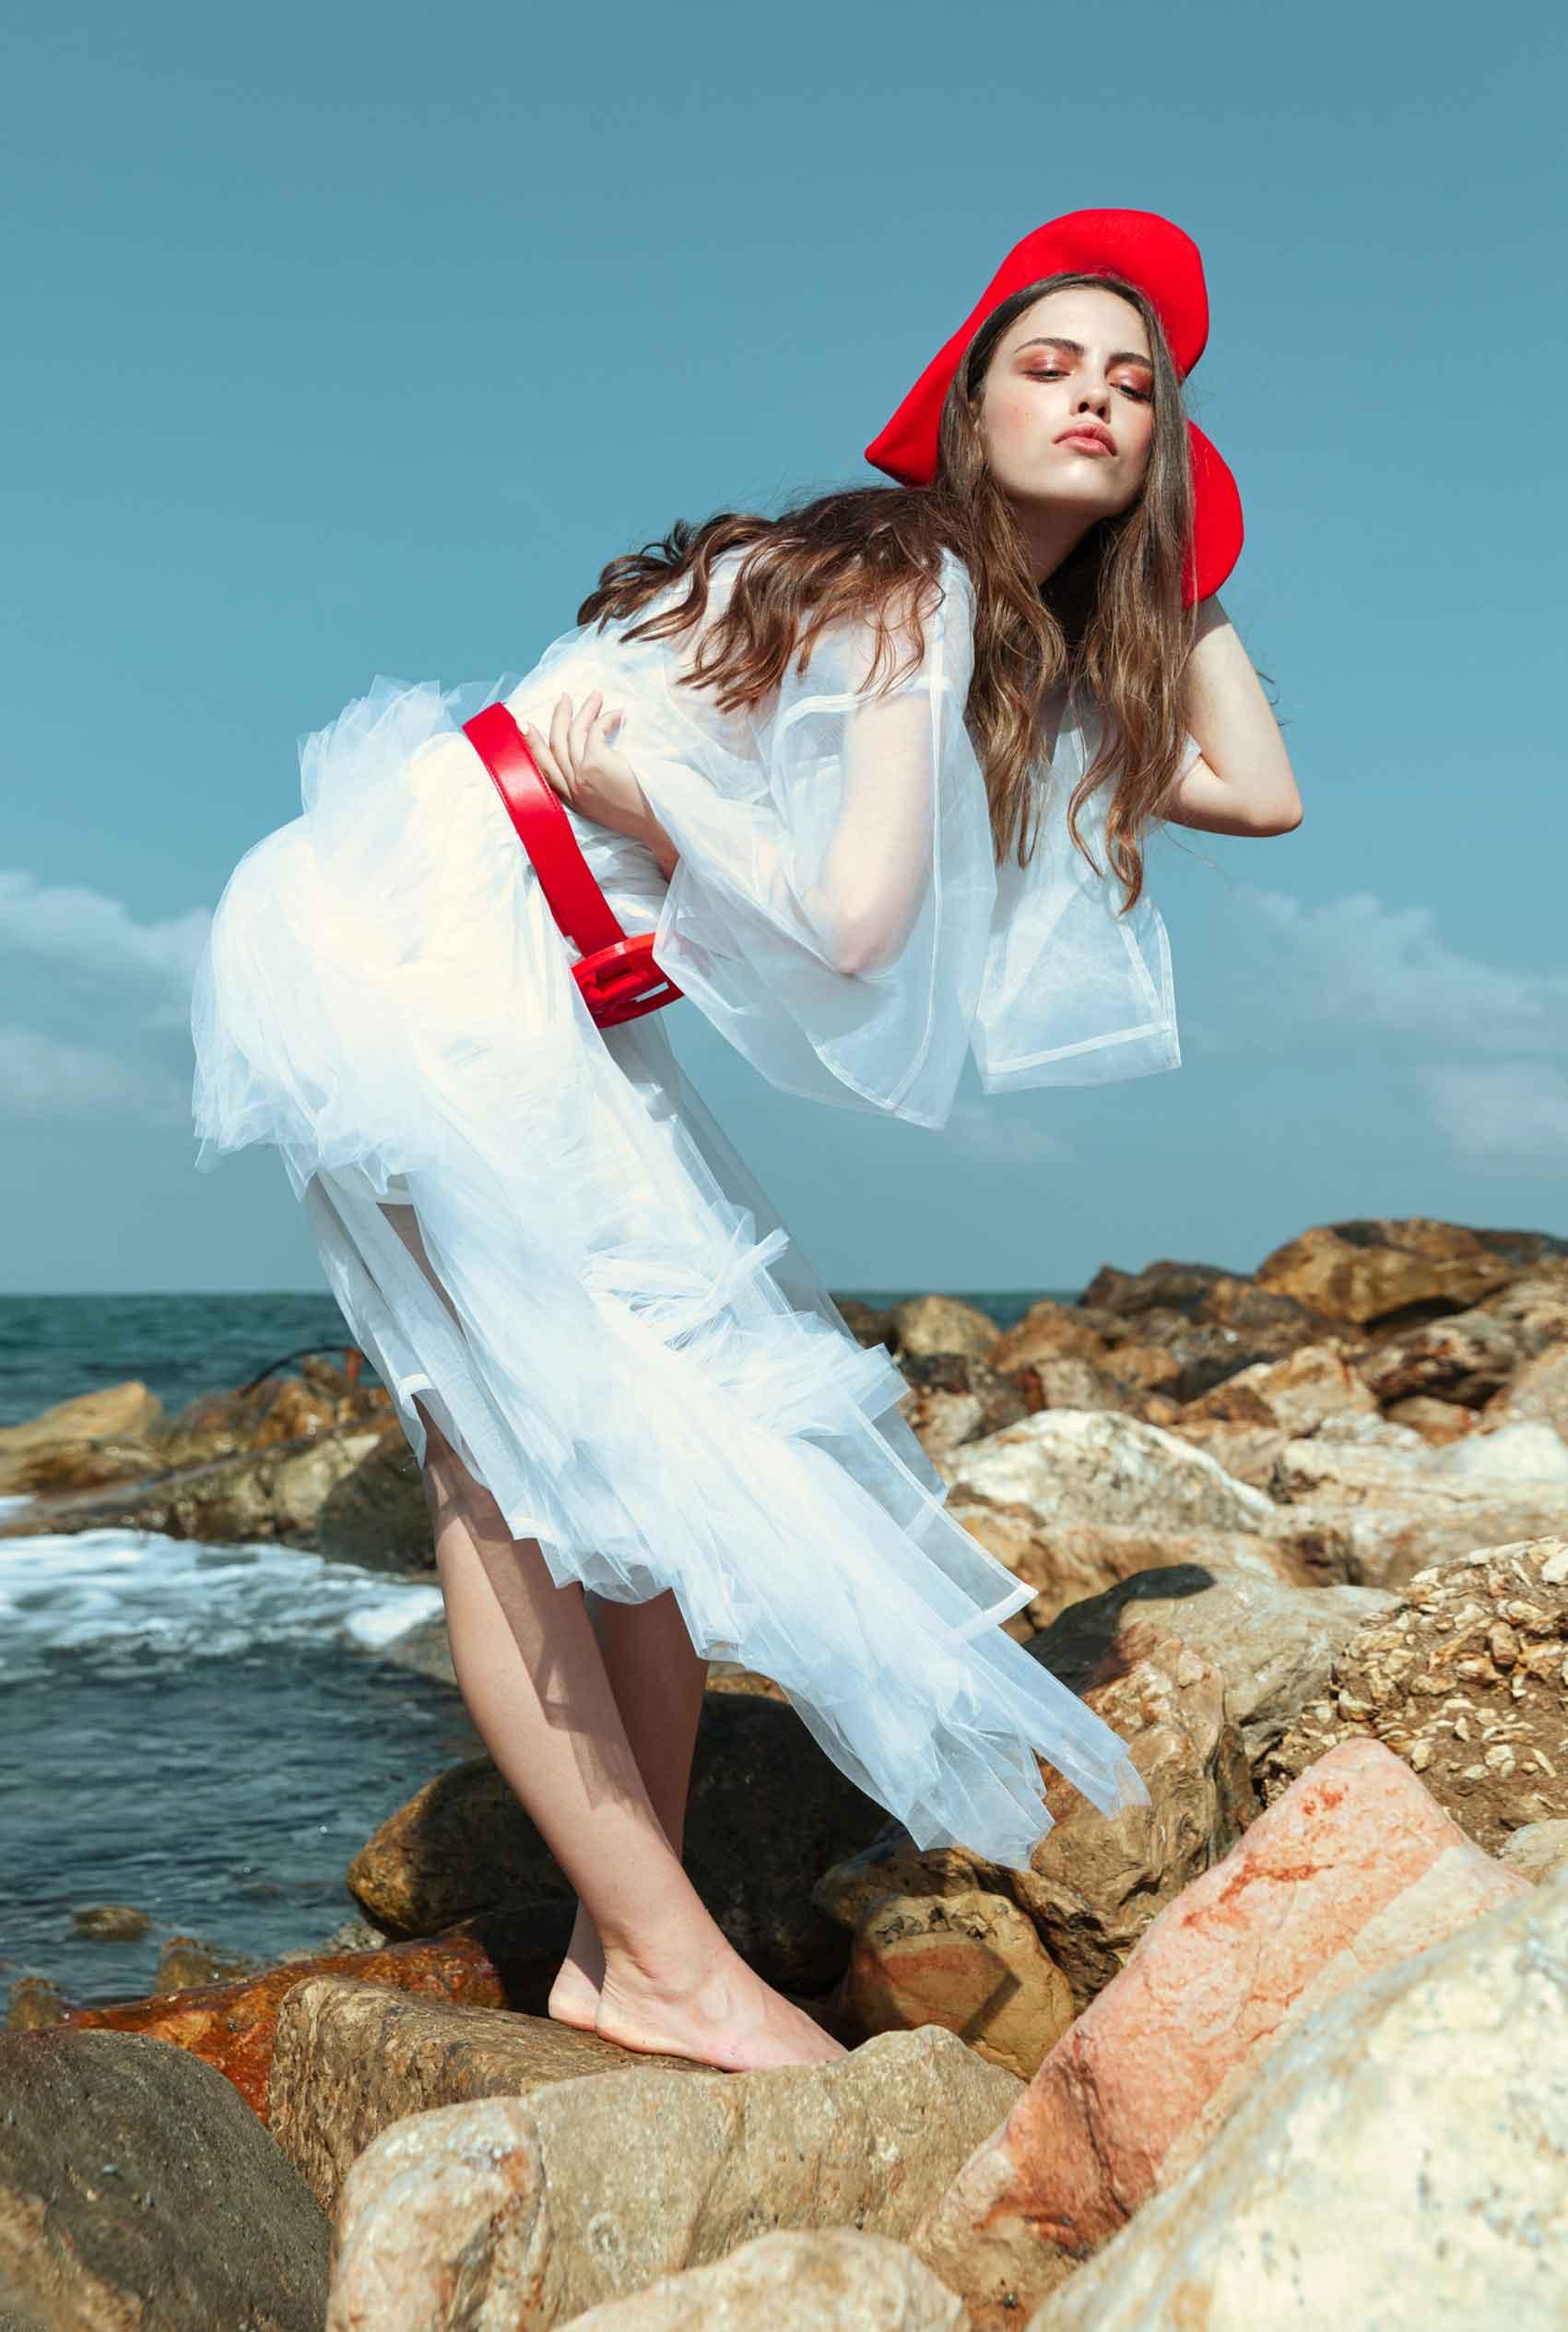 כוח-נשי-הפקות-אופנה- קימונו: שחר אבנט. כובע וחגורה: שיר כהן